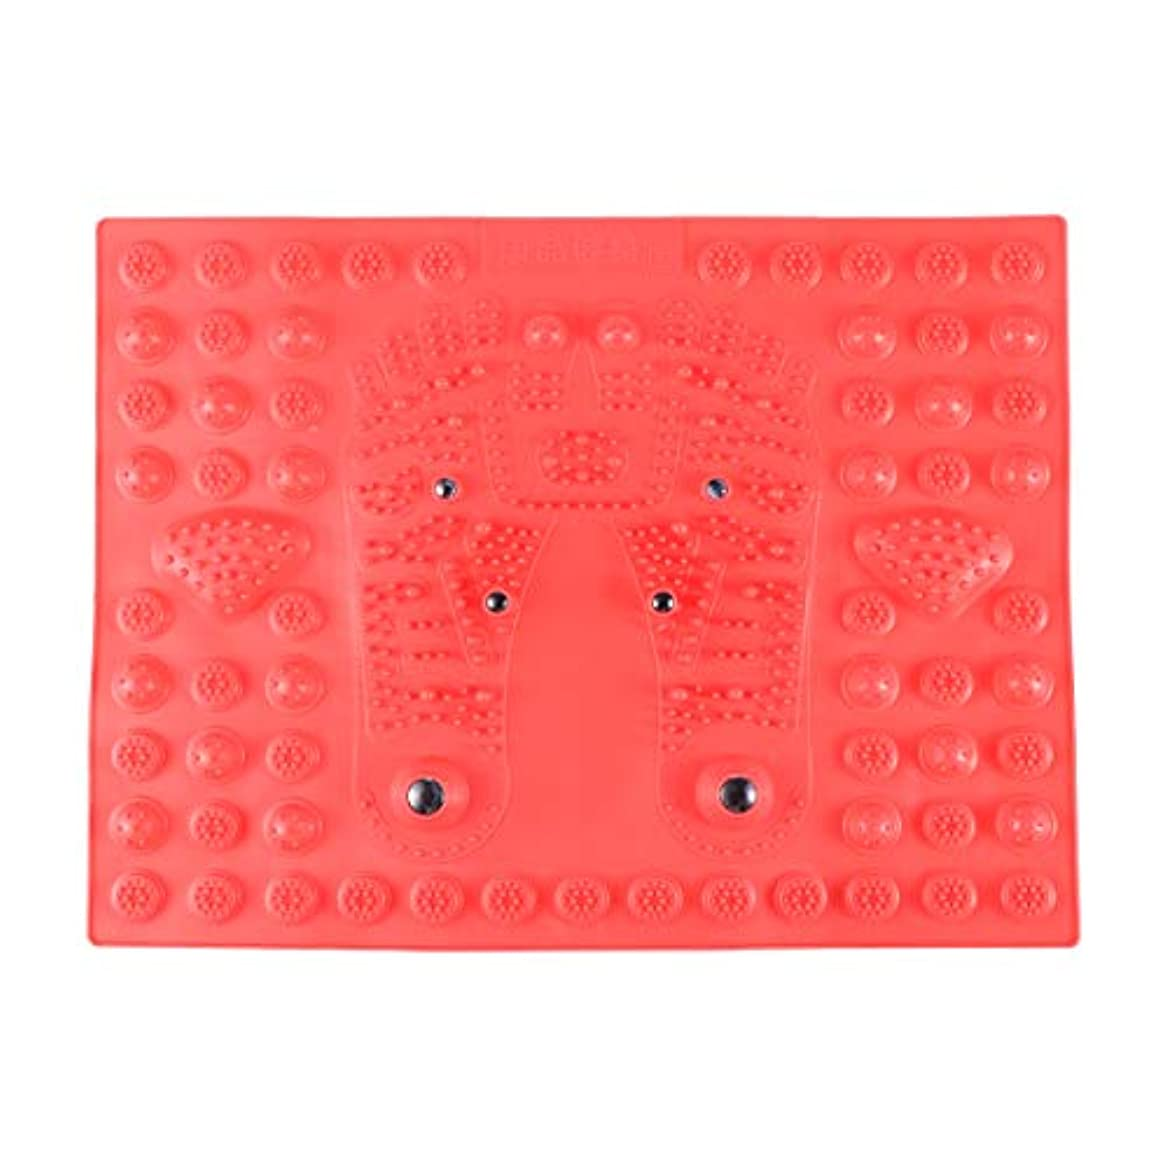 リスト大使館ぼんやりしたHealifty 指圧フットマットフット磁気療法マッサージャーガーデンマッサージパッド(レッド)